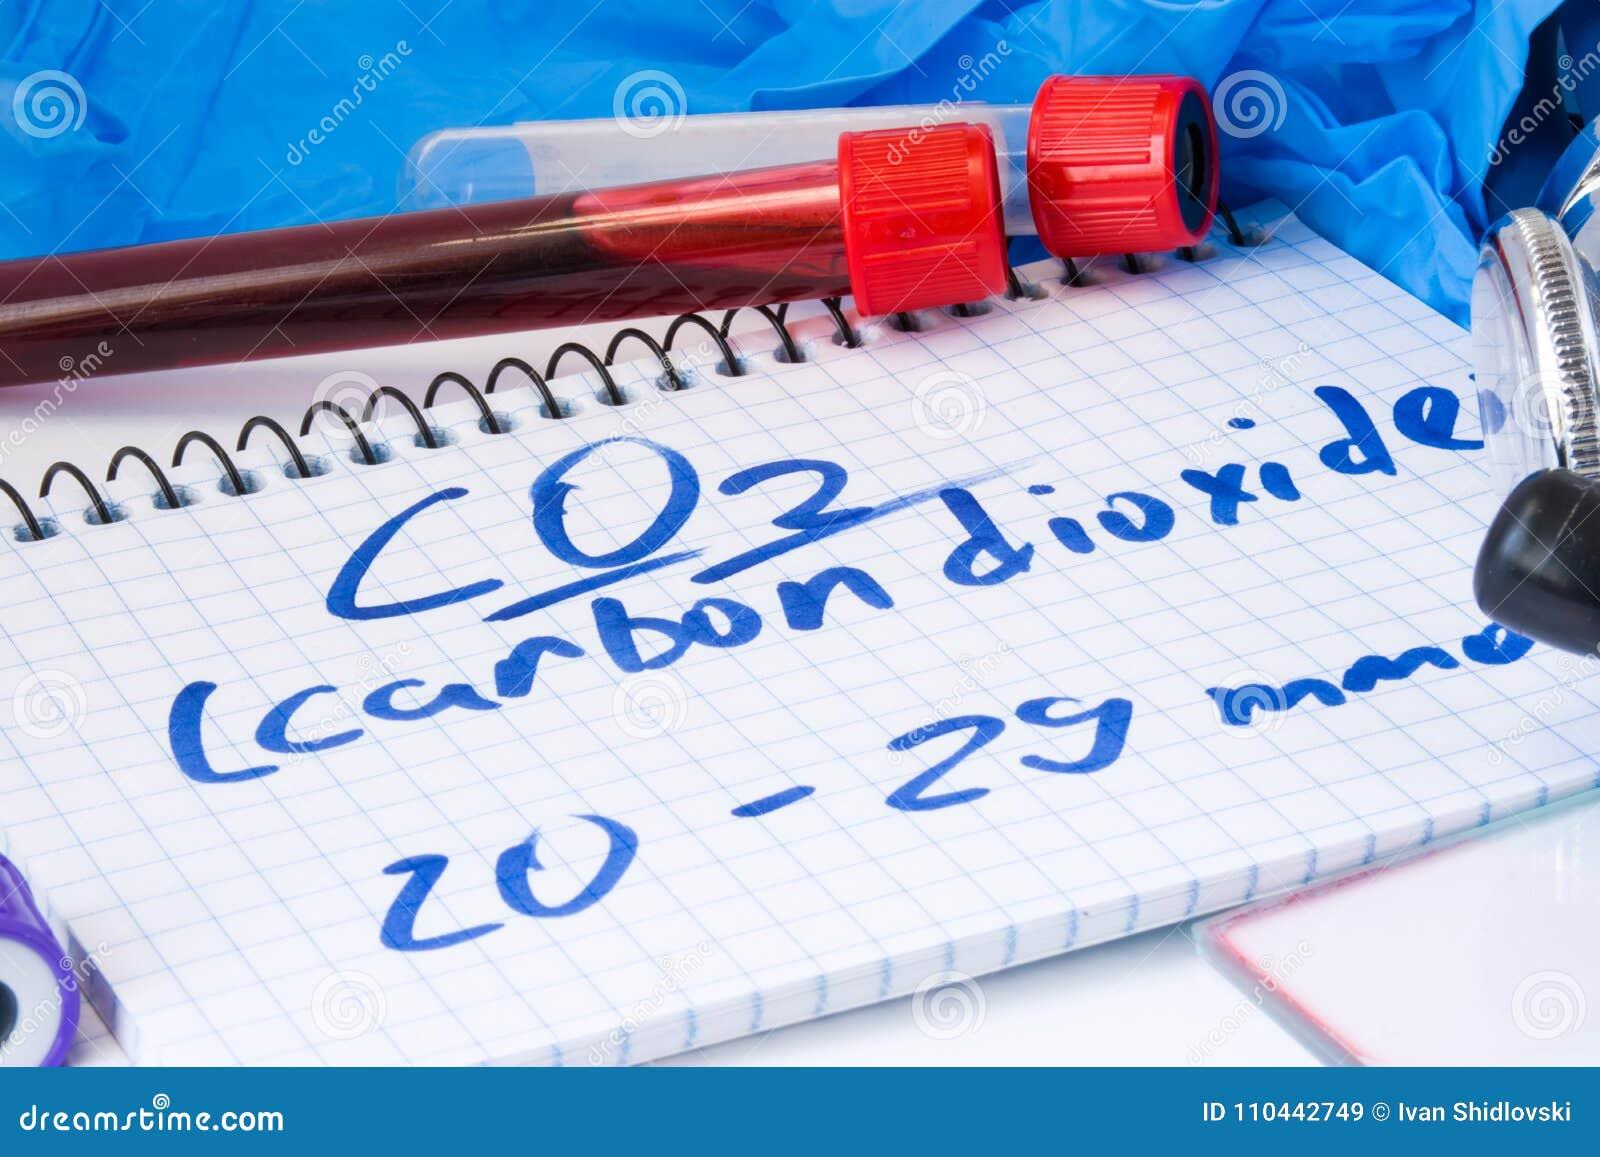 Dióxido Del CO2 O De Carbono En Suero O Sangre En Tubos De Ensayo ...